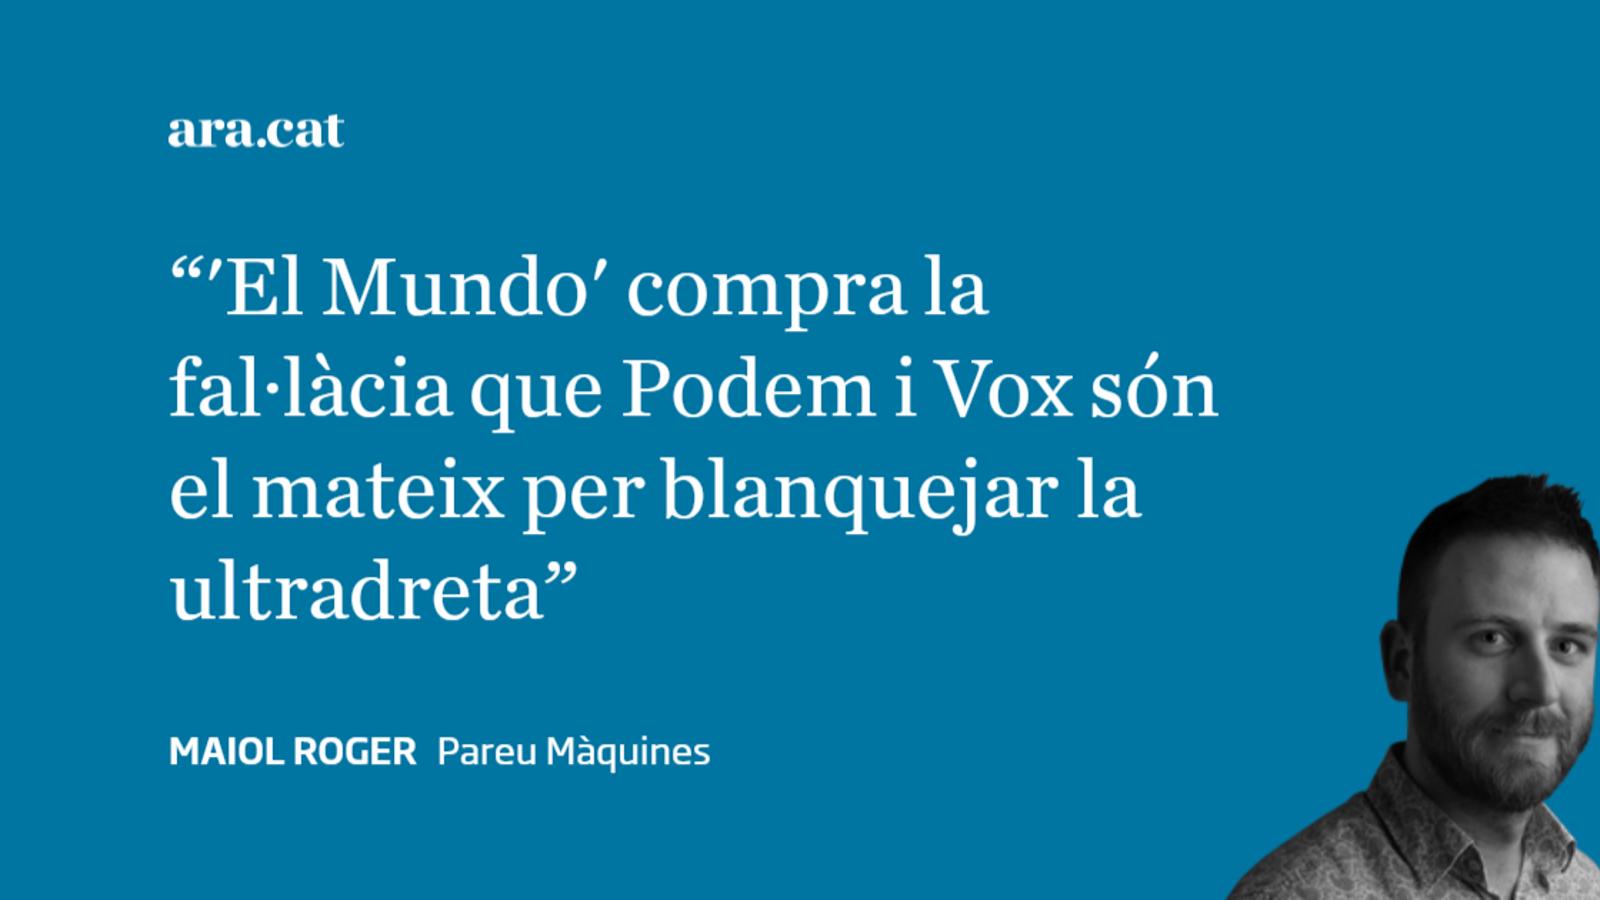 'El Mundo' ja demana un canvi  de règim auspiciat per Vox